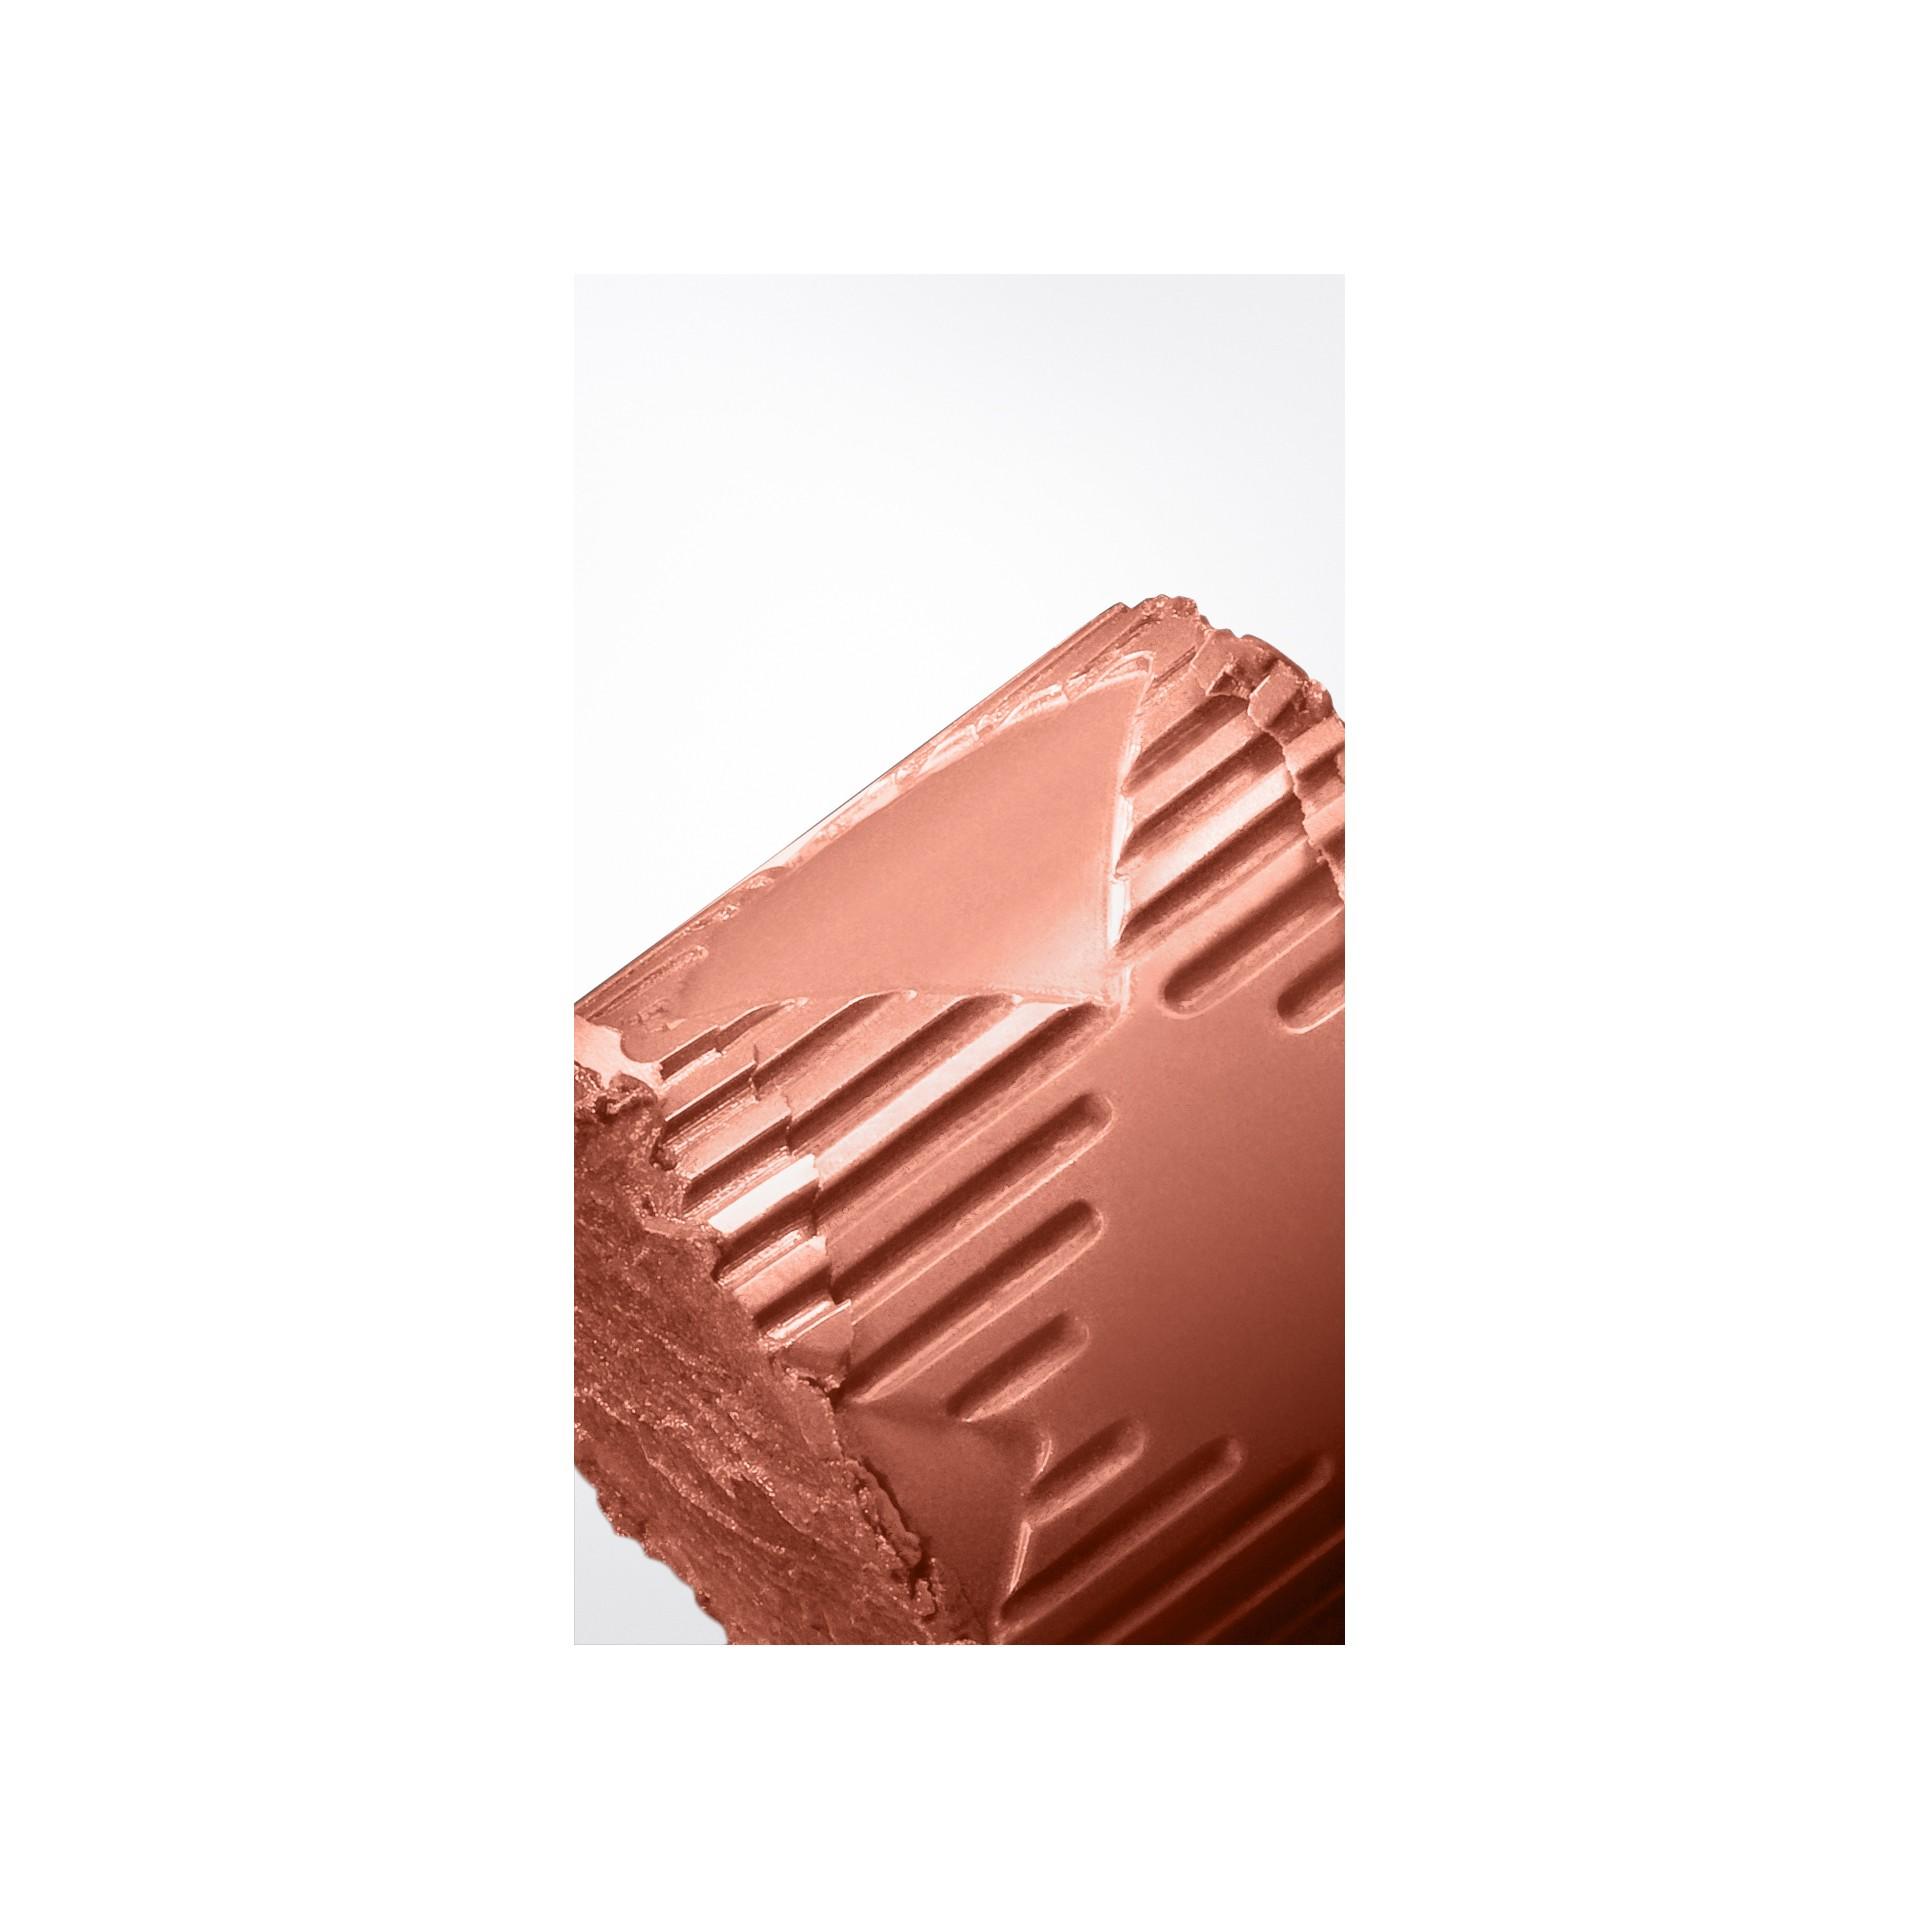 Copper 202 Lip Mist - Copper No.202 - gallery image 2